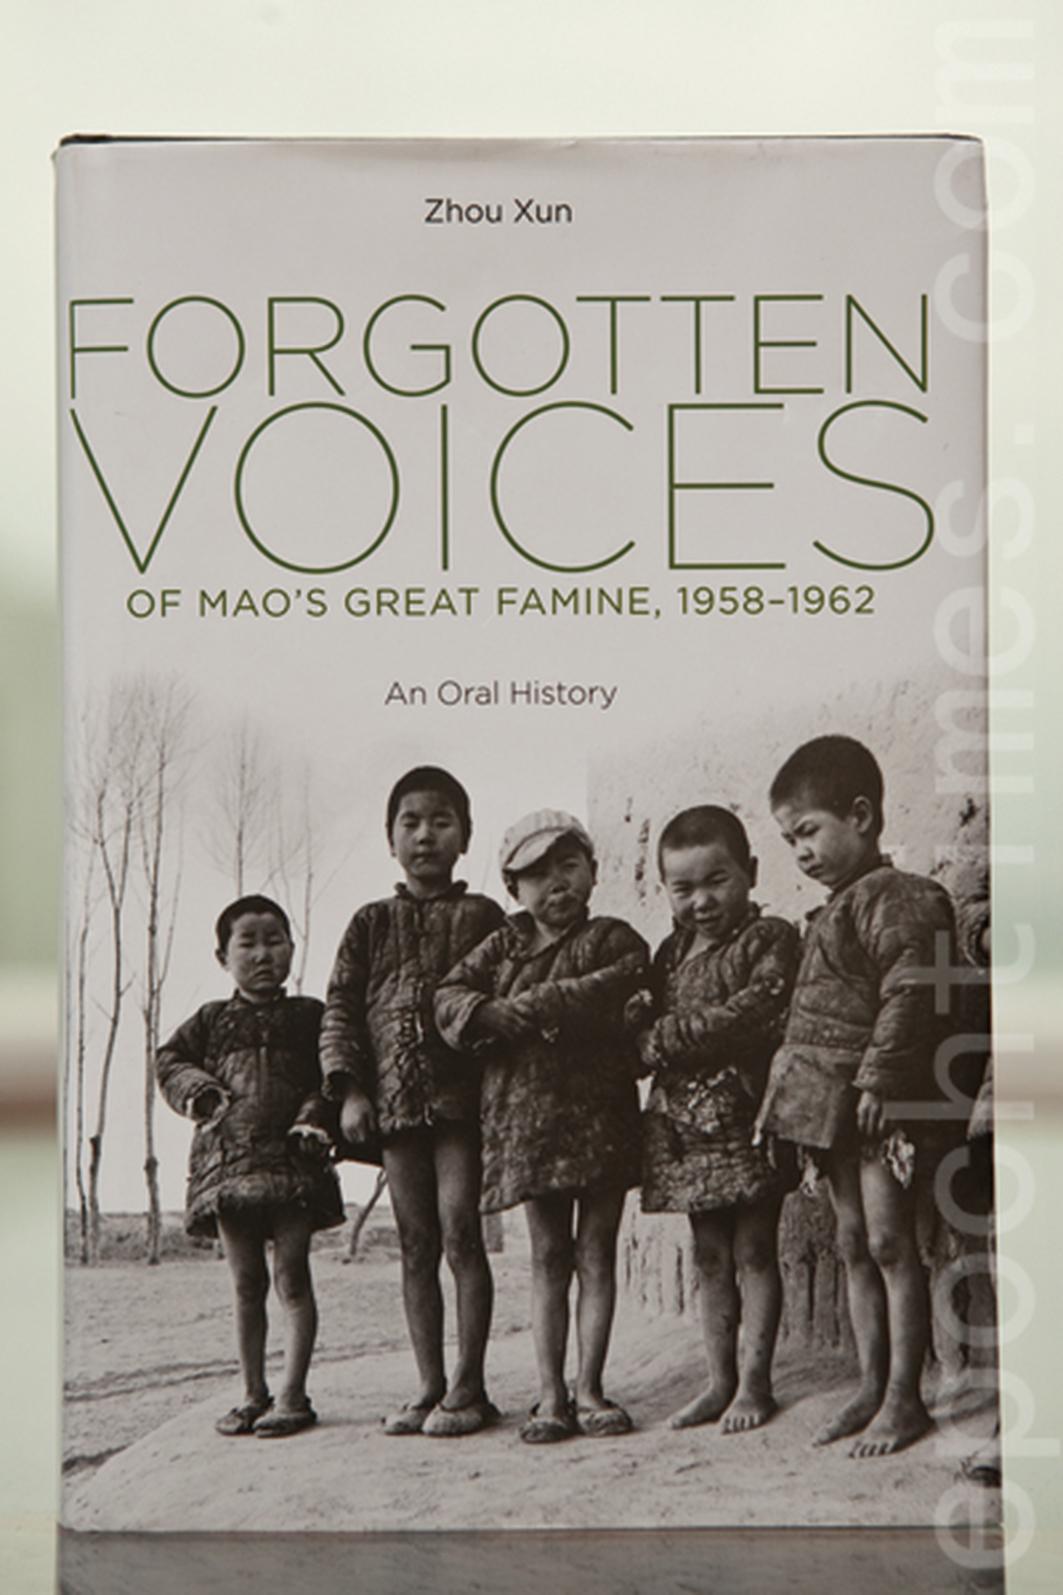 周遜《被遺忘的聲音——毛大饑荒,1958-1962》一書,敘述了大饑荒的真相和慘烈程度。(余鋼/大紀元)